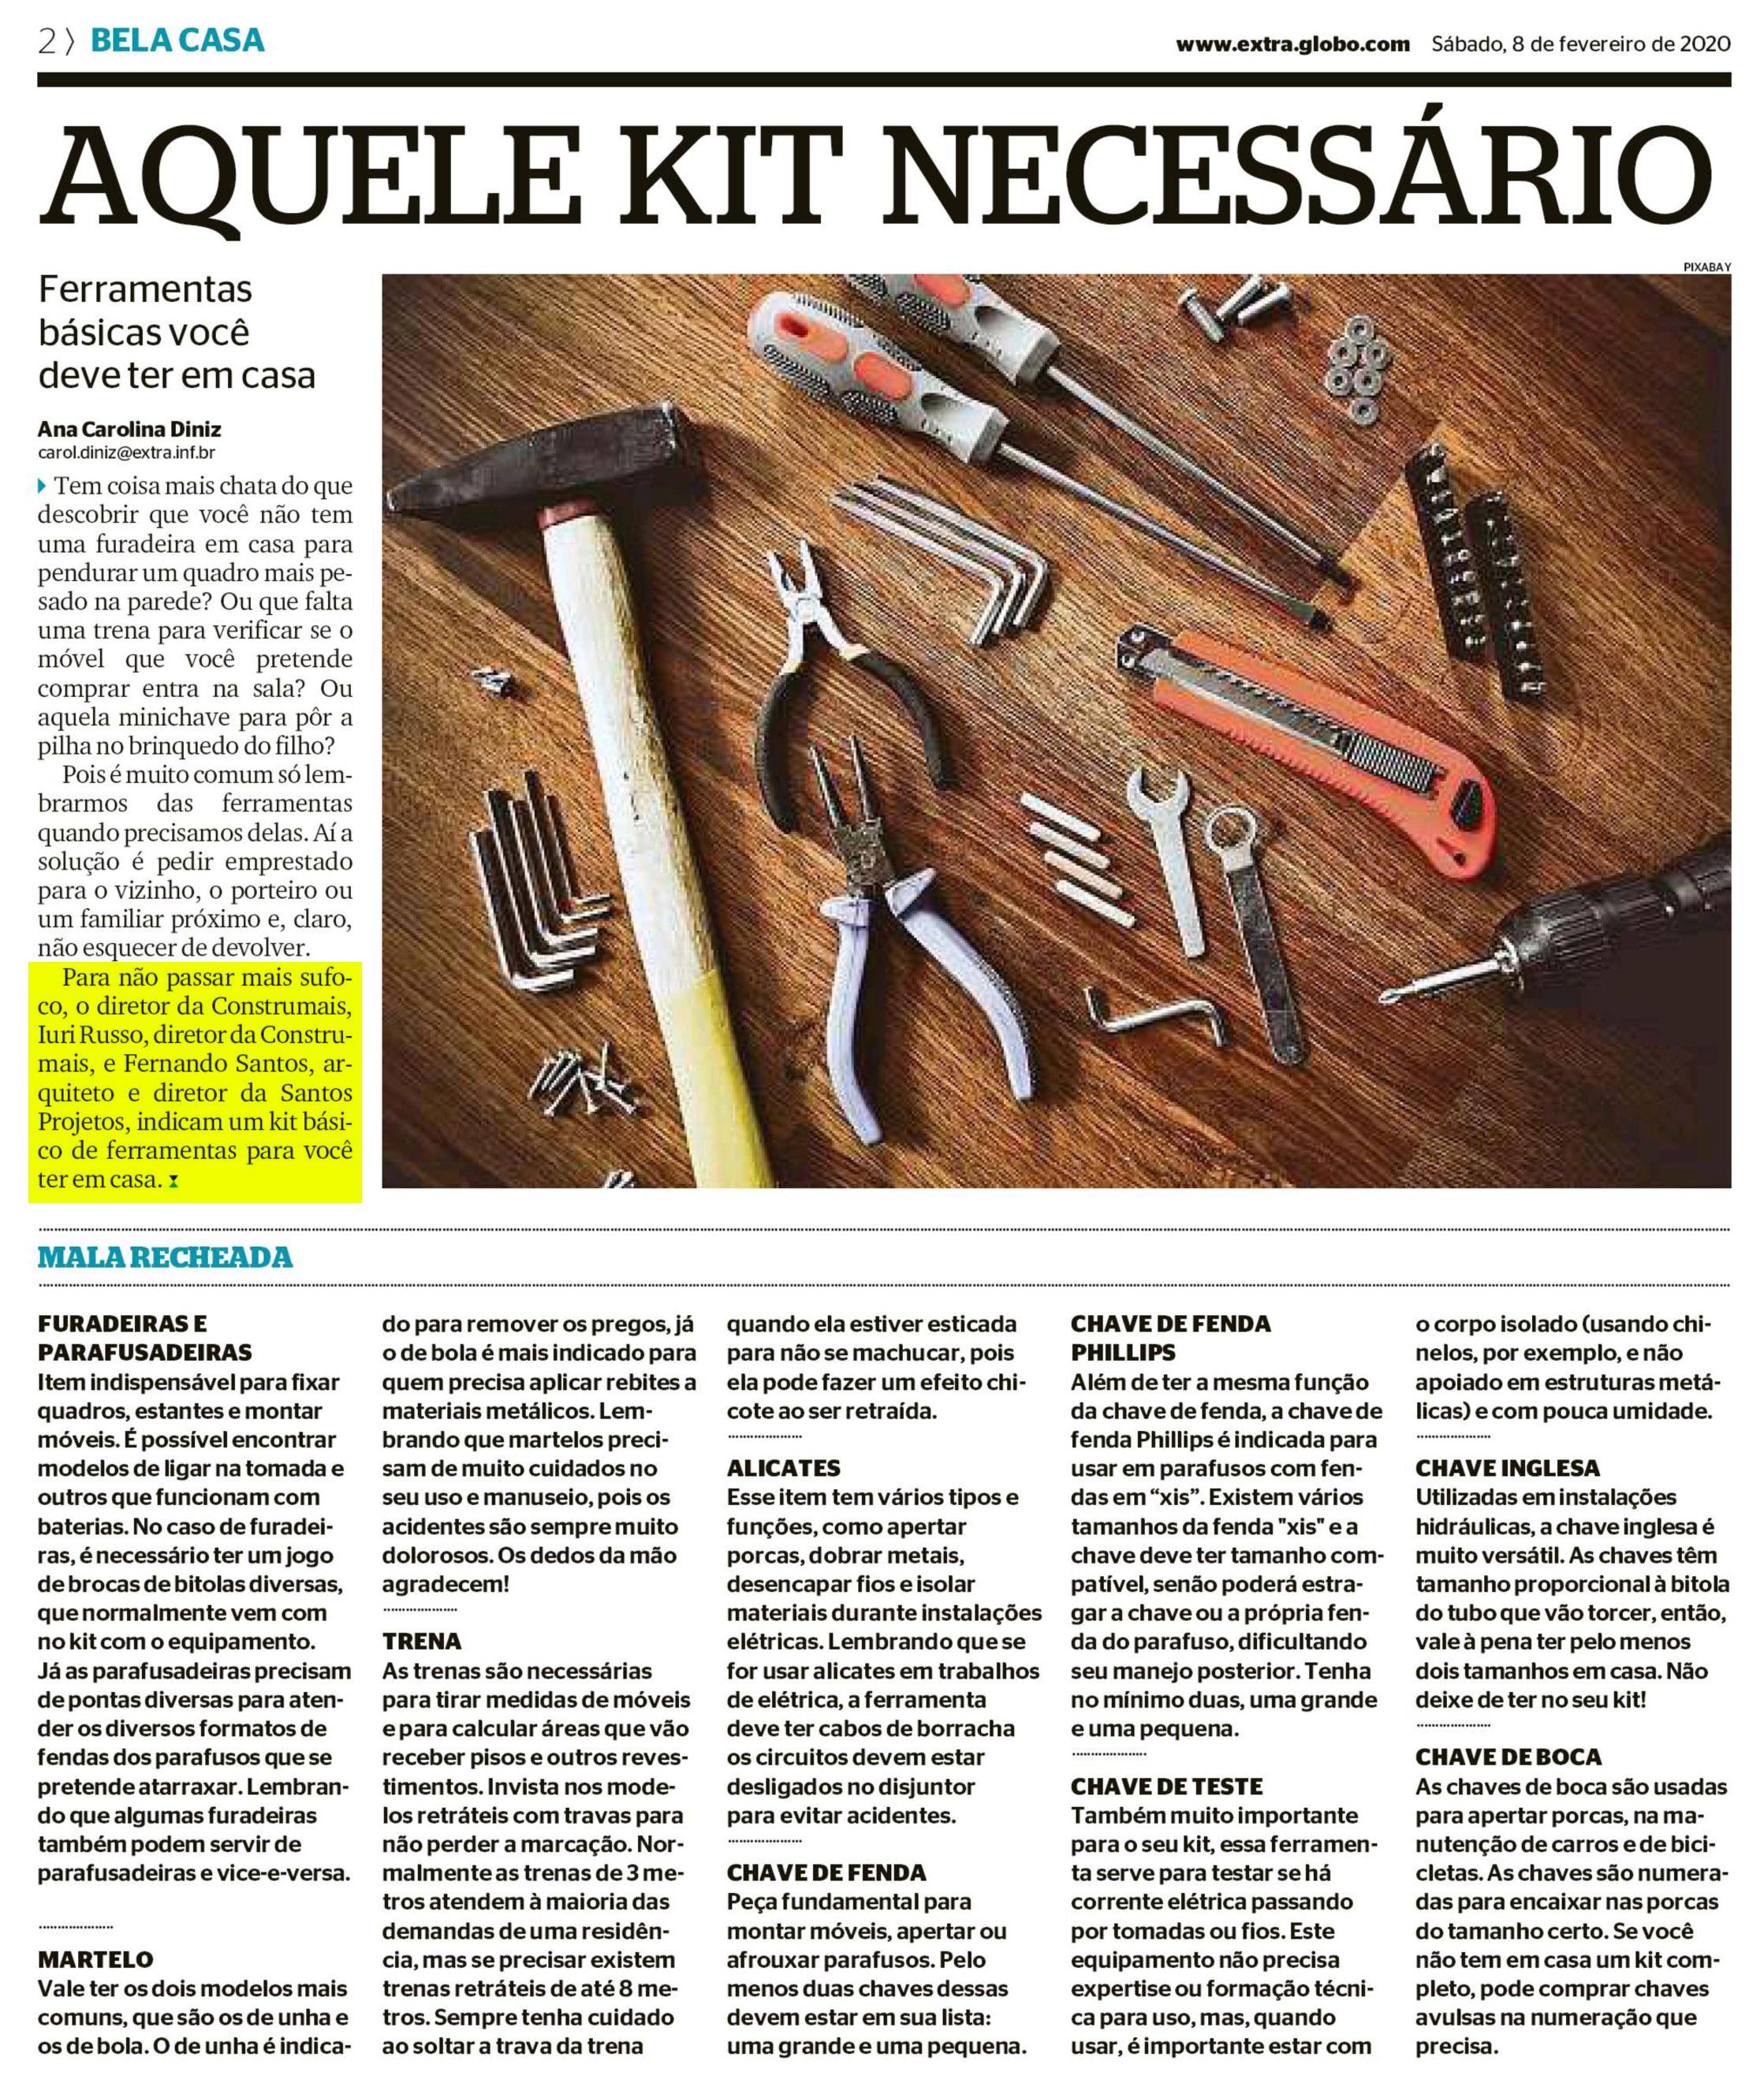 Jornal Extra (caderno Bela Casa) – Aquele kit necessário